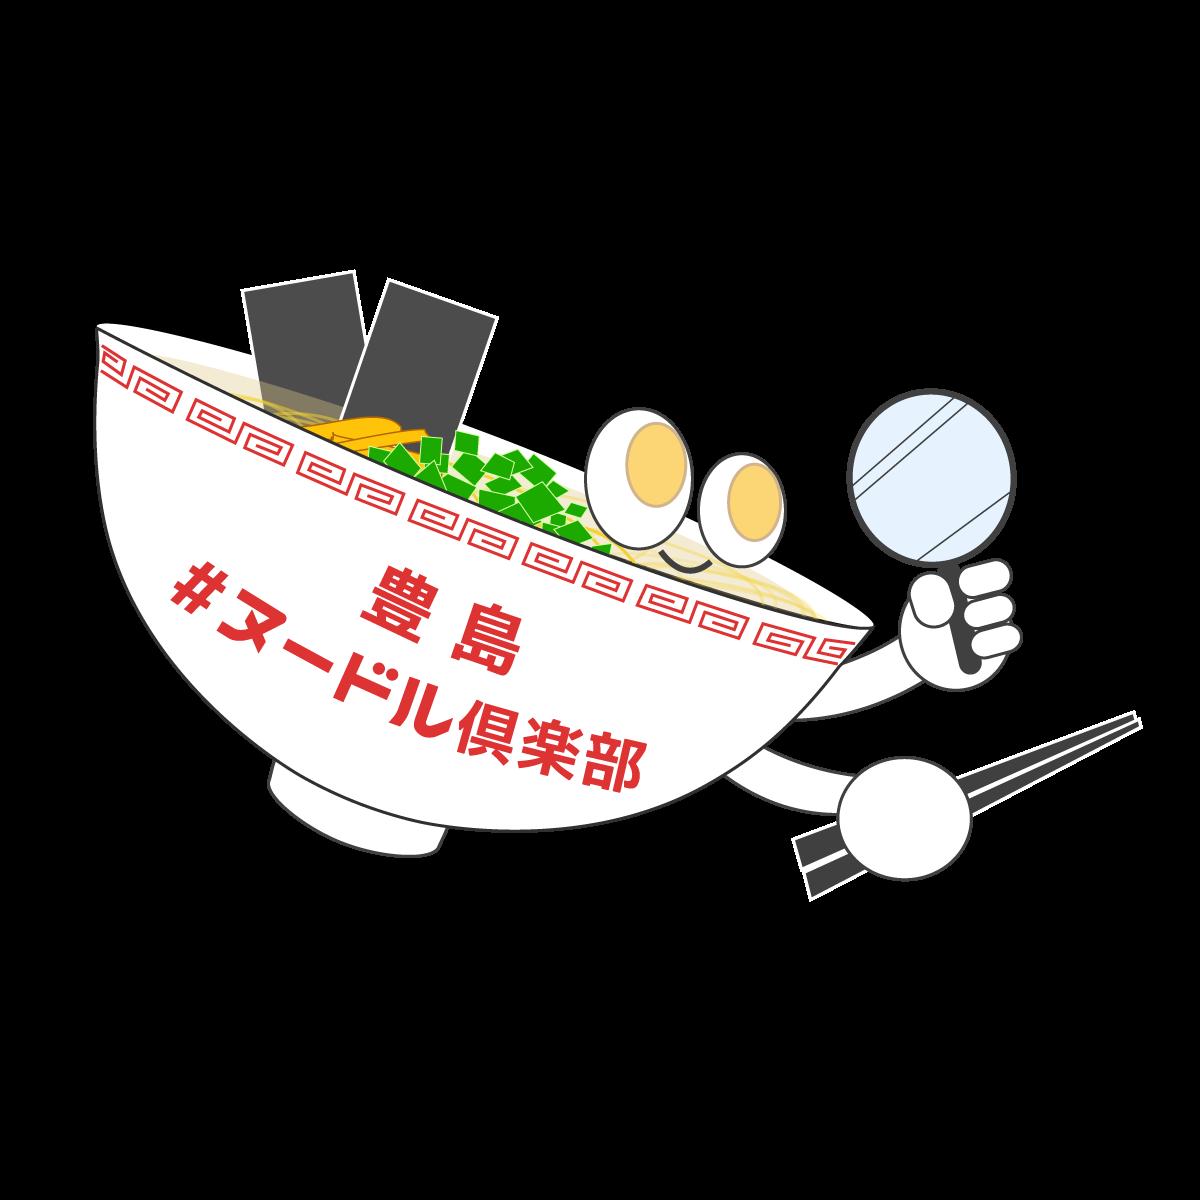 豊島 #ヌードル倶楽部 | 【東京】豊島区のラーメン情報サイト